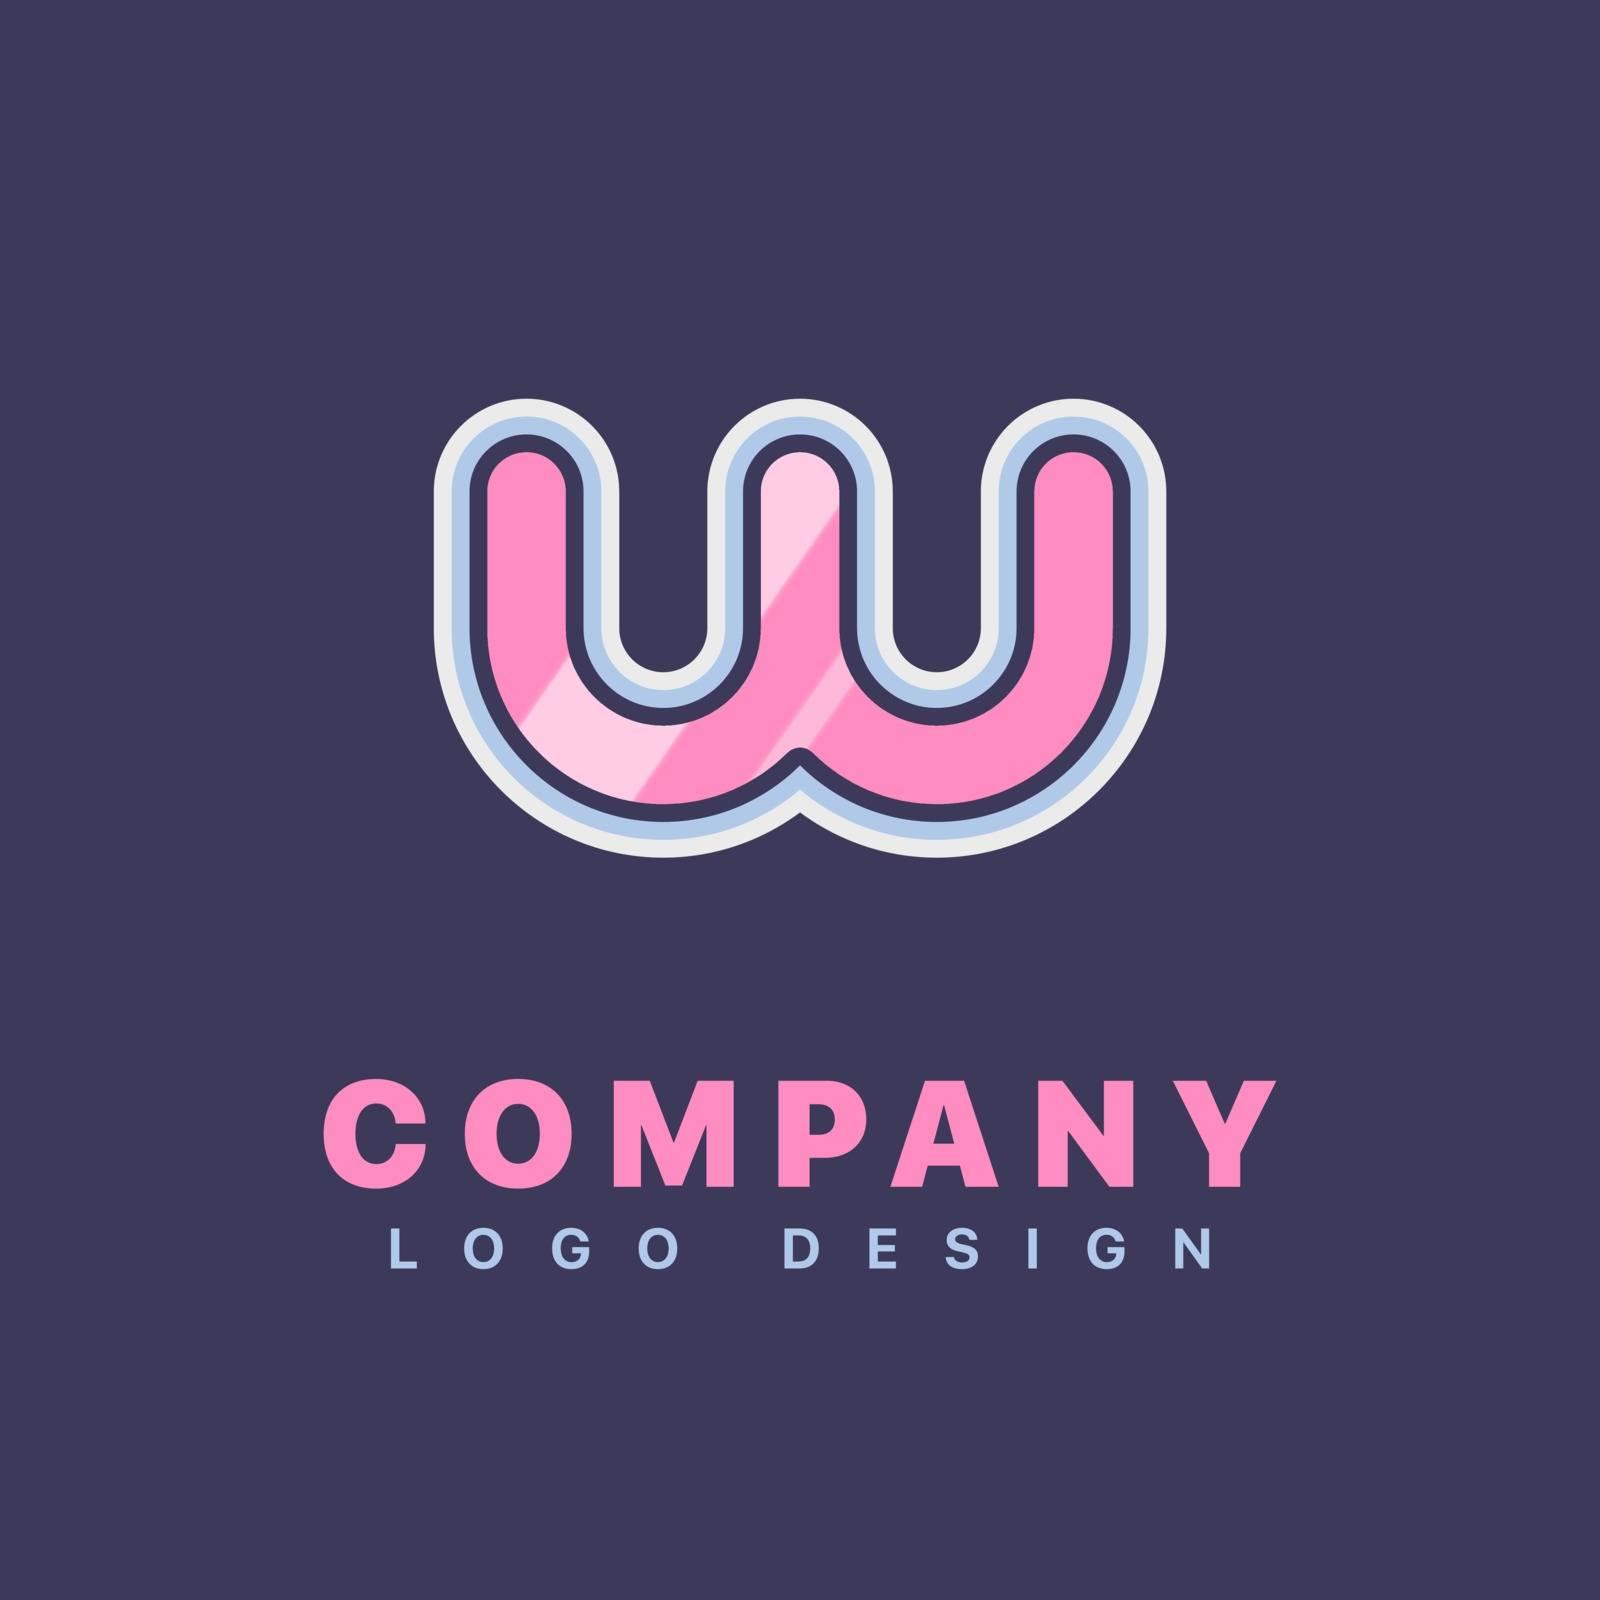 Letter W logo design template. Company logo icon